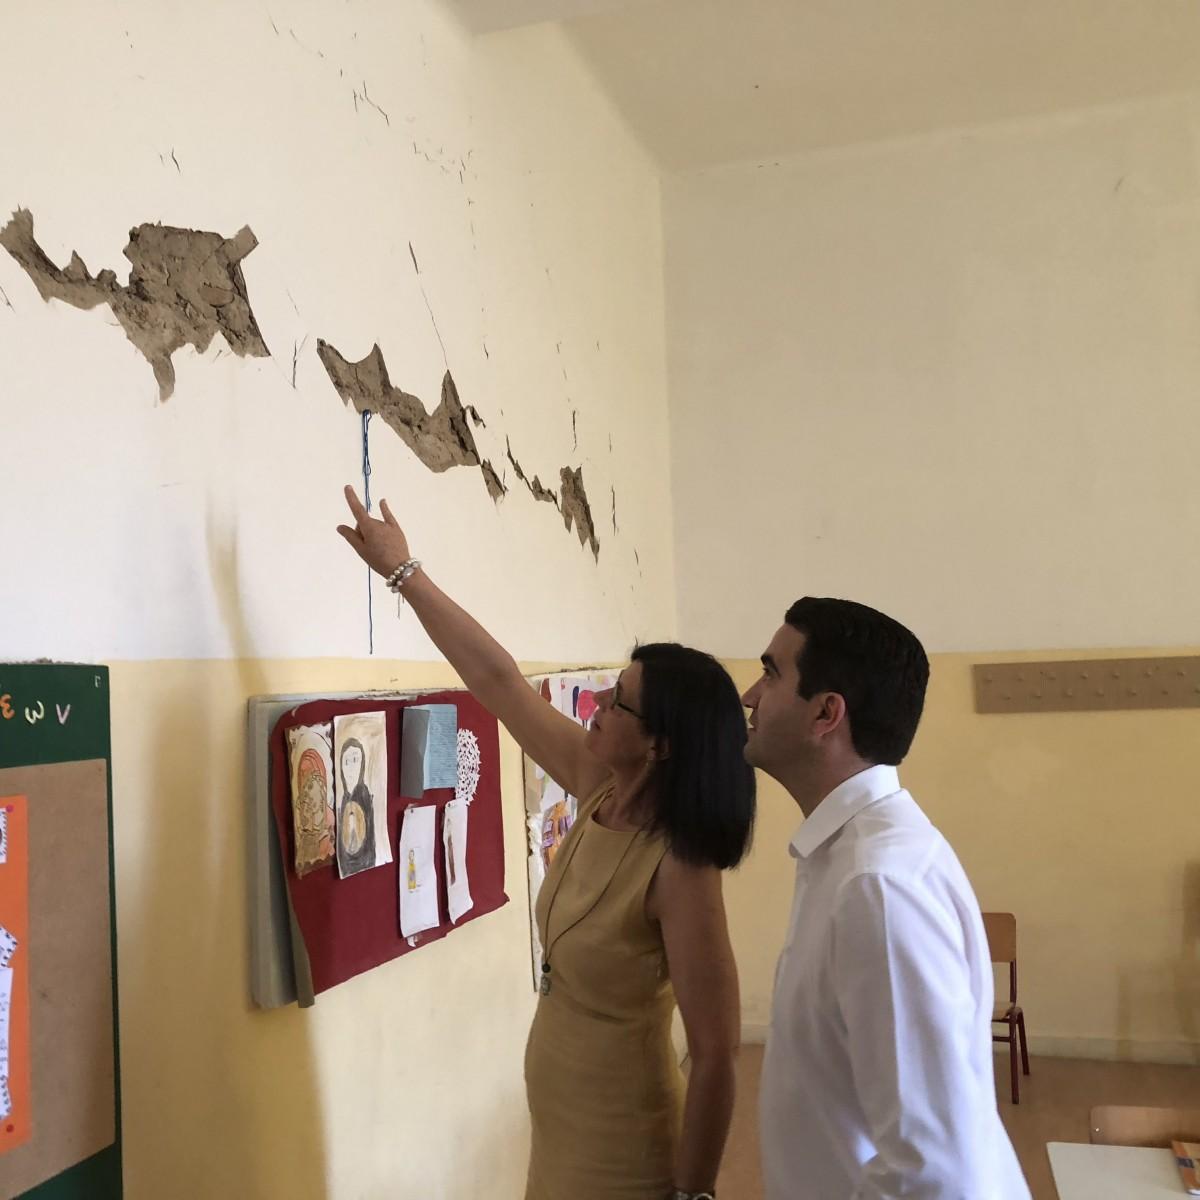 Απαιτείται Αντισεισμική θωράκιση σε όλα τα σχολικά κτήρια της Ηλείας